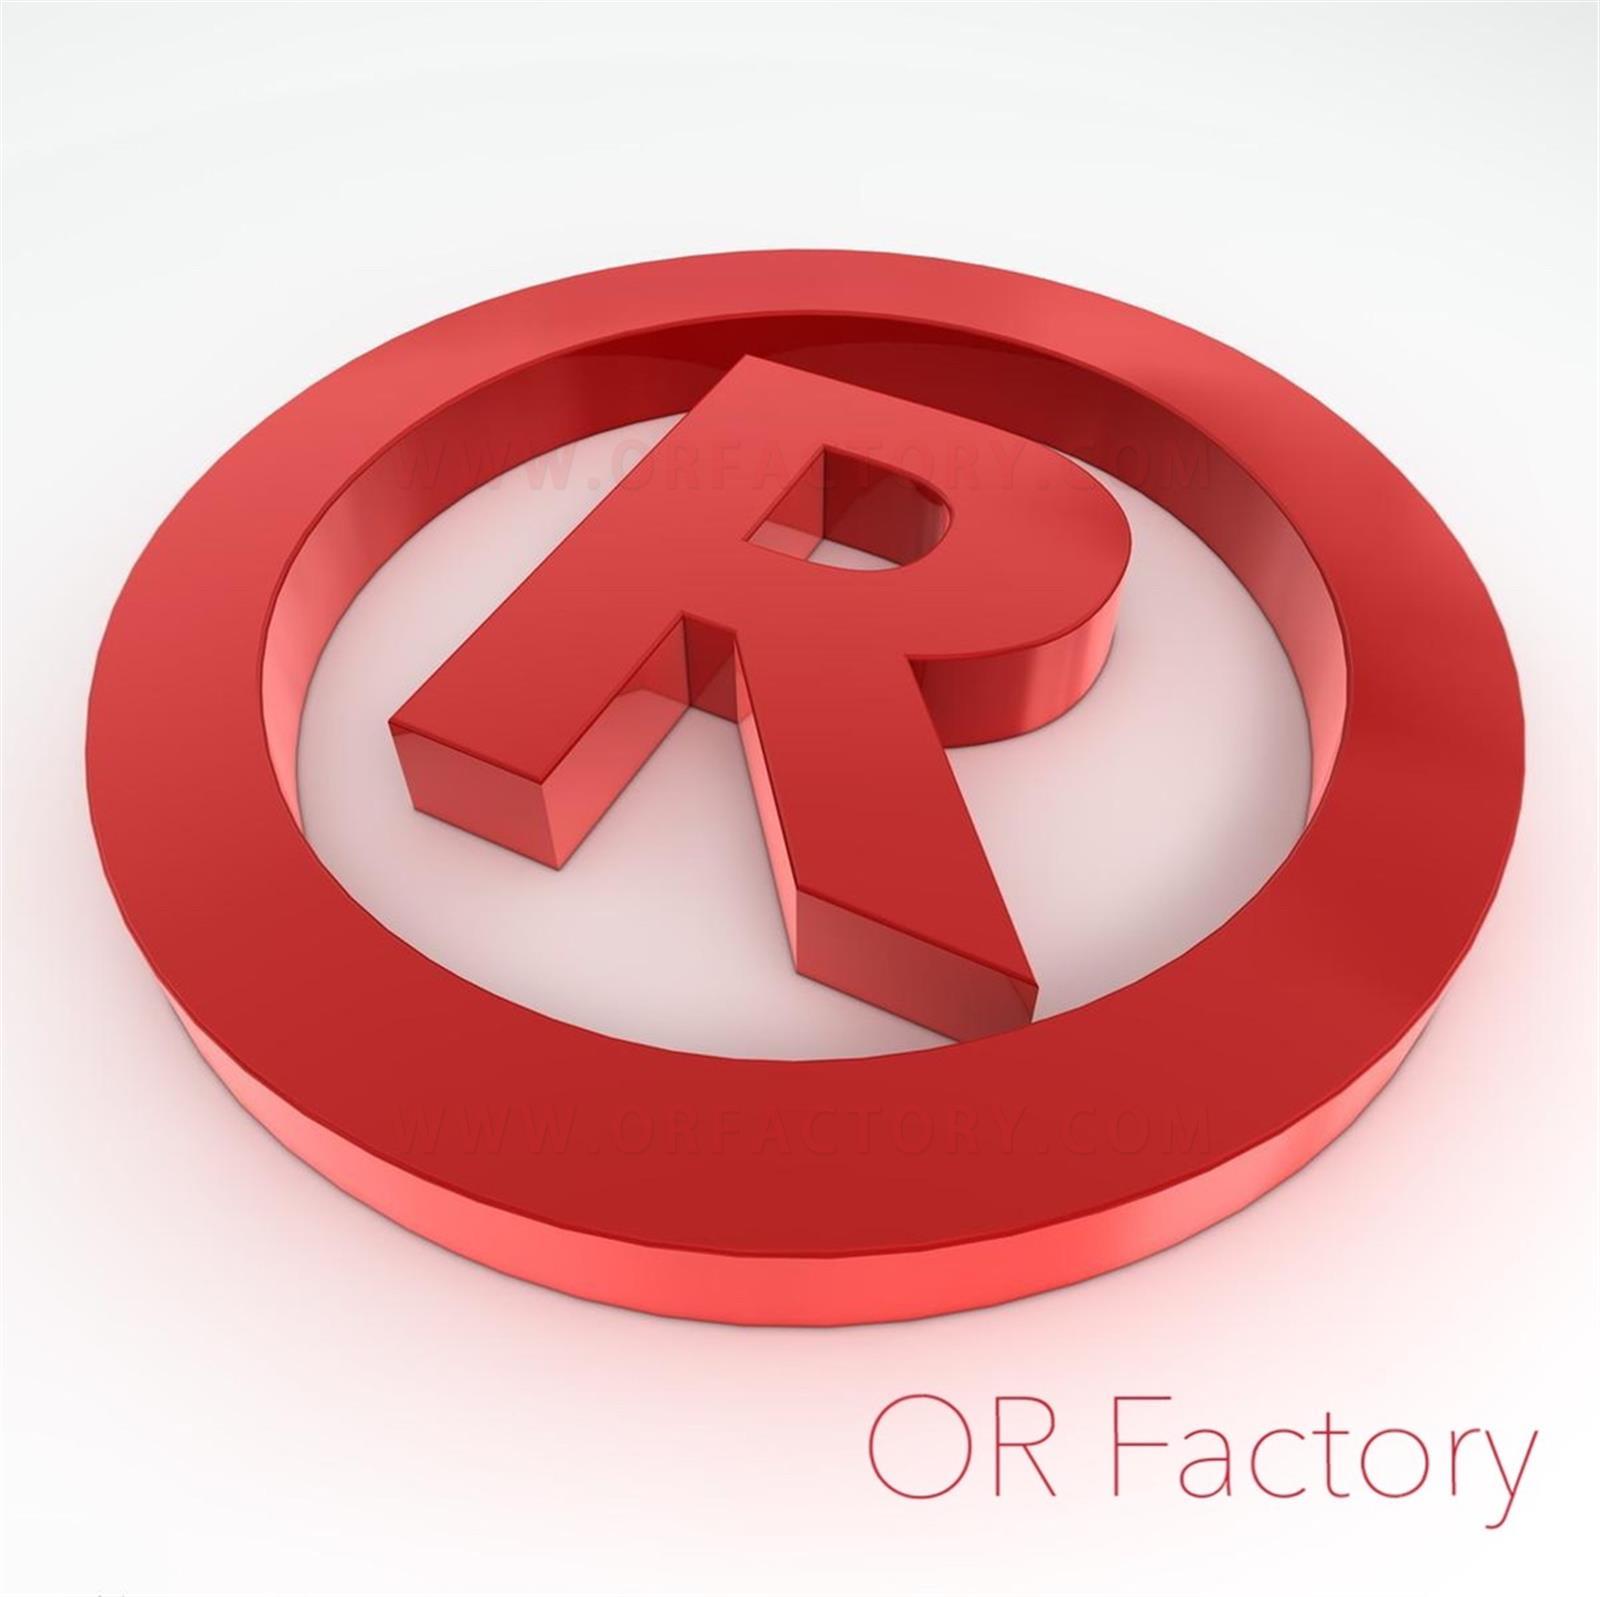 OR厂是什么意思?OR厂和GF厂的关系解读